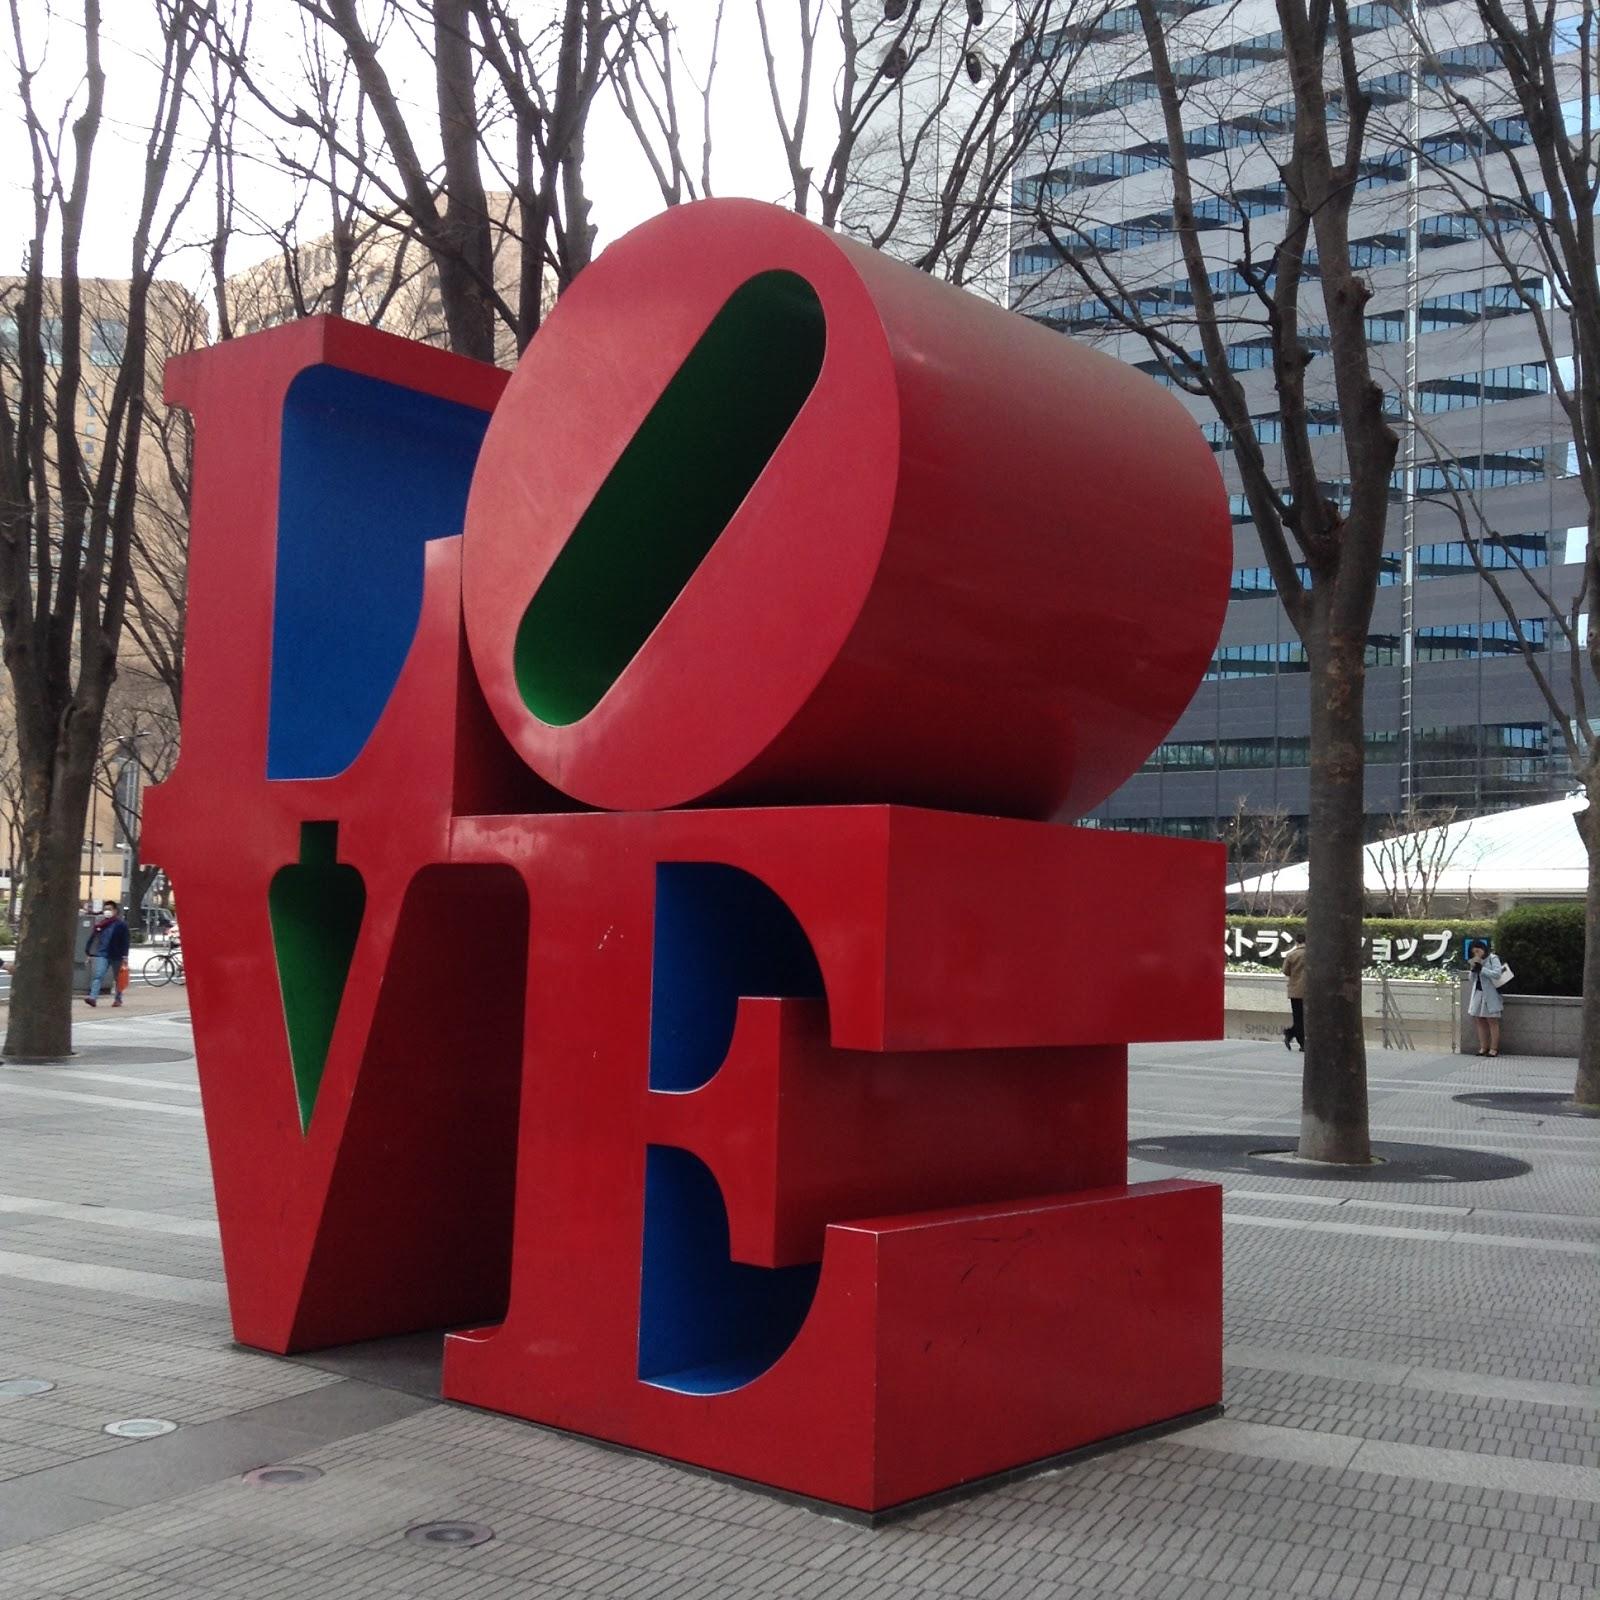 Shinjuku Love art